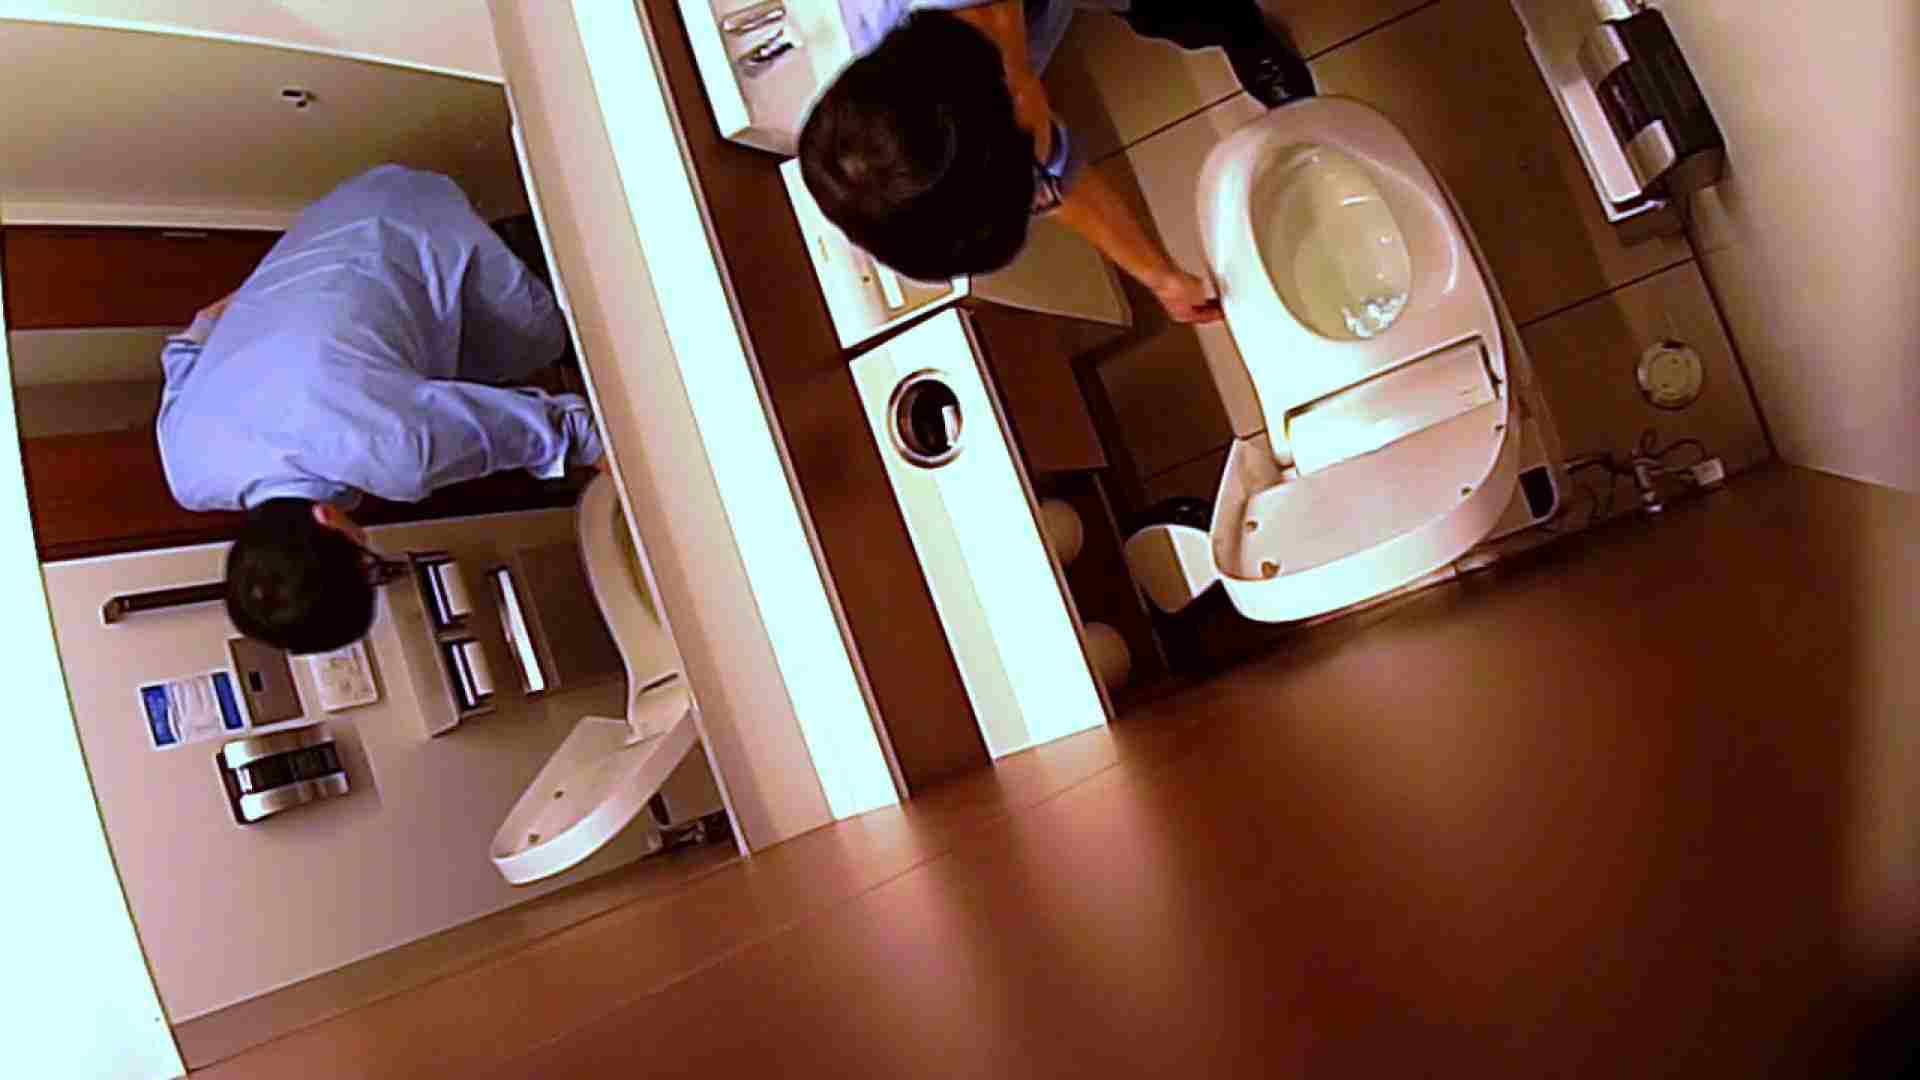 すみませんが覗かせてください Vol.31 トイレ | 0  35連発 17